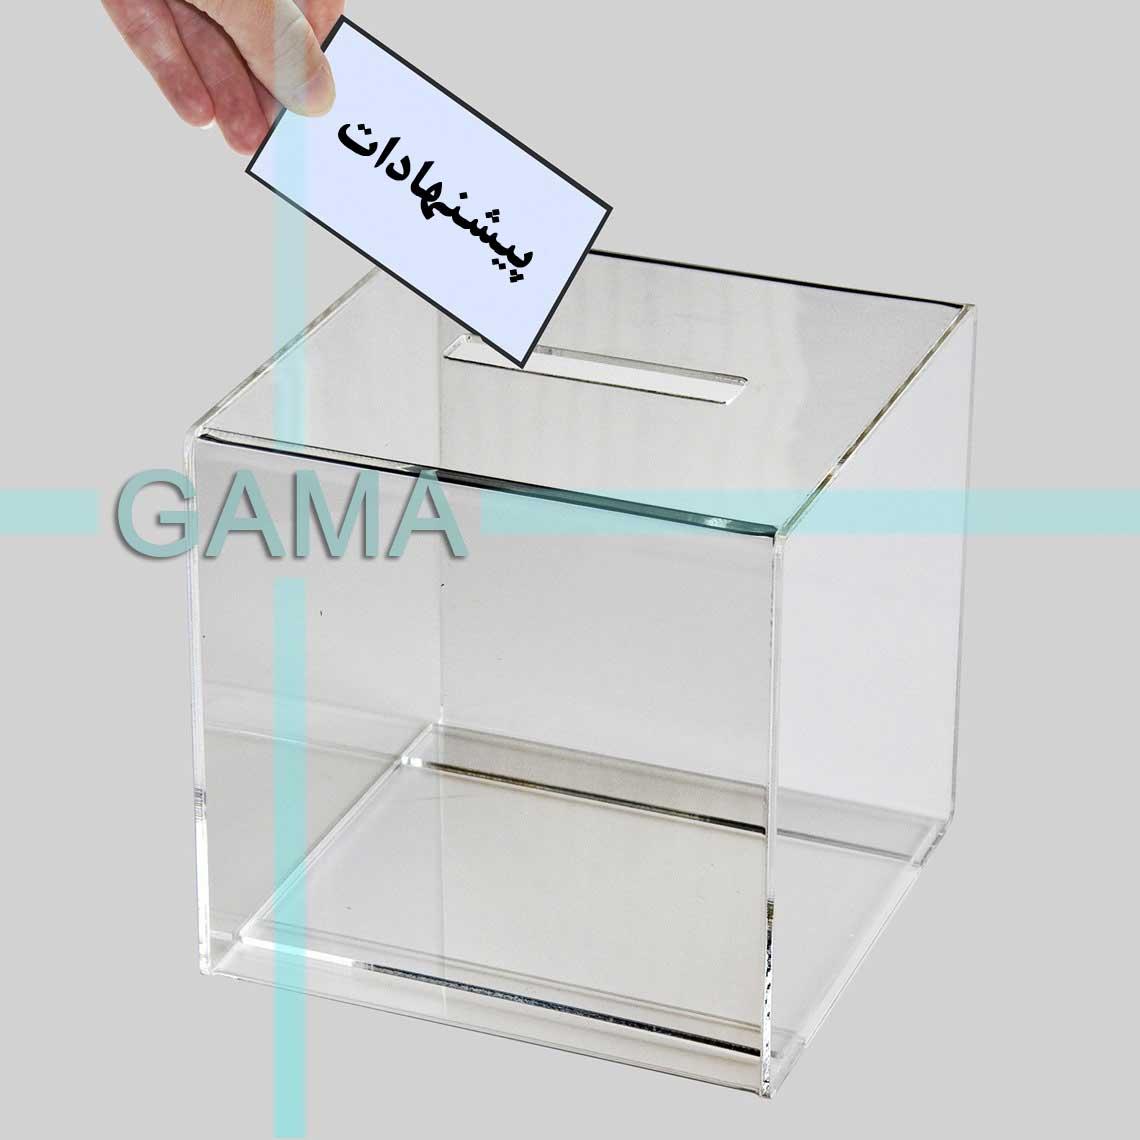 صندوق صدقات،صندوق پیشنهادات،صندوق نظرسنجی،صندوق رای گیری،صندوق انتقادات پلکسی گلاس در سرتا سر ایران